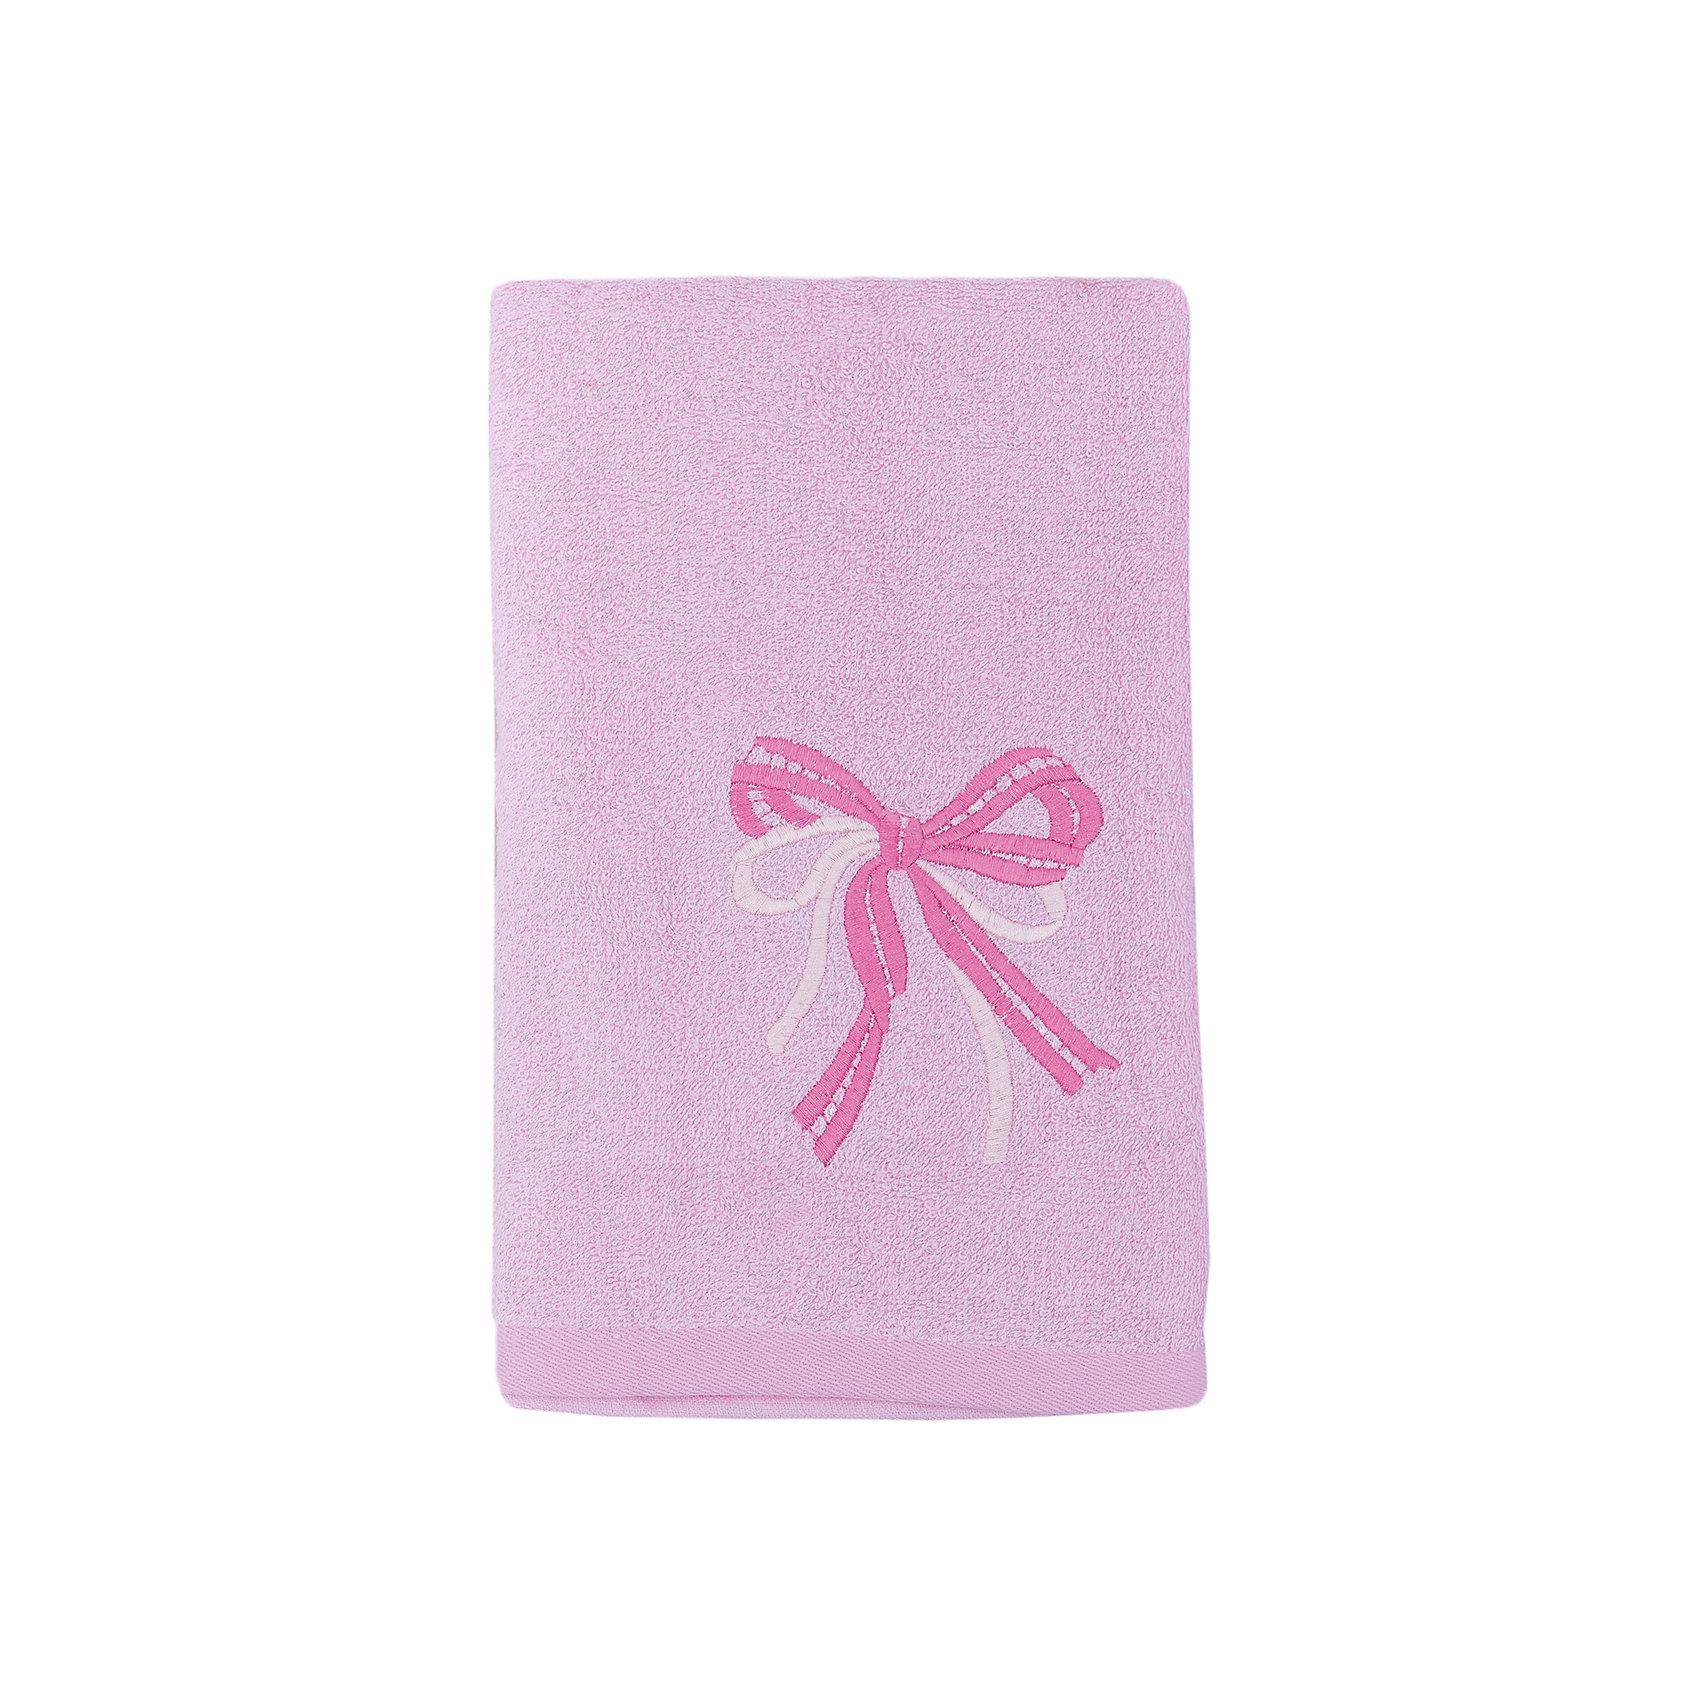 Полотенце махровое Бантик 60*130, Любимый дом, розовыйПолотенца<br>Махровое полотенце Бантик изготовлено из качественного хлопка. Отлично впитывает влагу, сохраняет цвет после стирок и дарит вашей коже комфорт после водных процедур. Полотенце украшено вышивкой в виде бантиков. <br><br>Дополнительная информация:<br>Цвет: розовый<br>Материал: 100% хлопок<br>Размер: 60х130 см<br>Торговая марка: Любимый дом<br><br>Купить махровое полотенце Бантик можно в нашем интернет-магазине.<br><br>Ширина мм: 500<br>Глубина мм: 500<br>Высота мм: 200<br>Вес г: 300<br>Возраст от месяцев: 0<br>Возраст до месяцев: 144<br>Пол: Унисекс<br>Возраст: Детский<br>SKU: 5010967